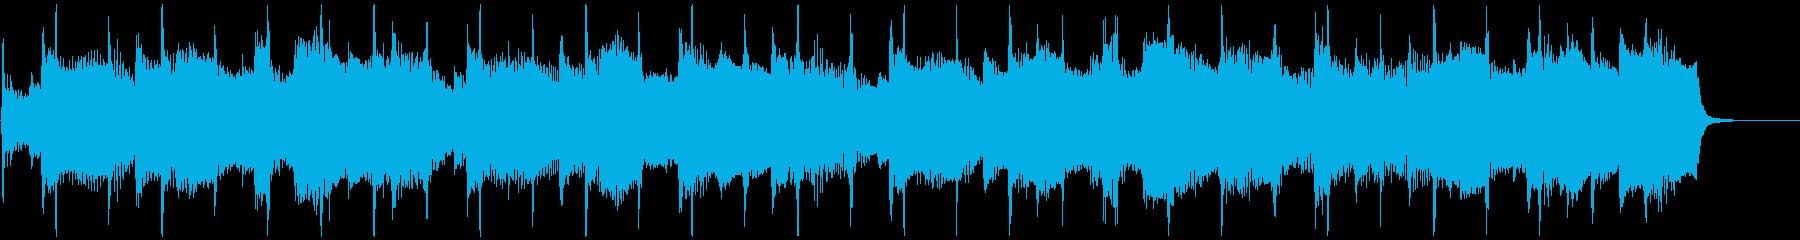 アコギのジングル、CM、企業VPの再生済みの波形